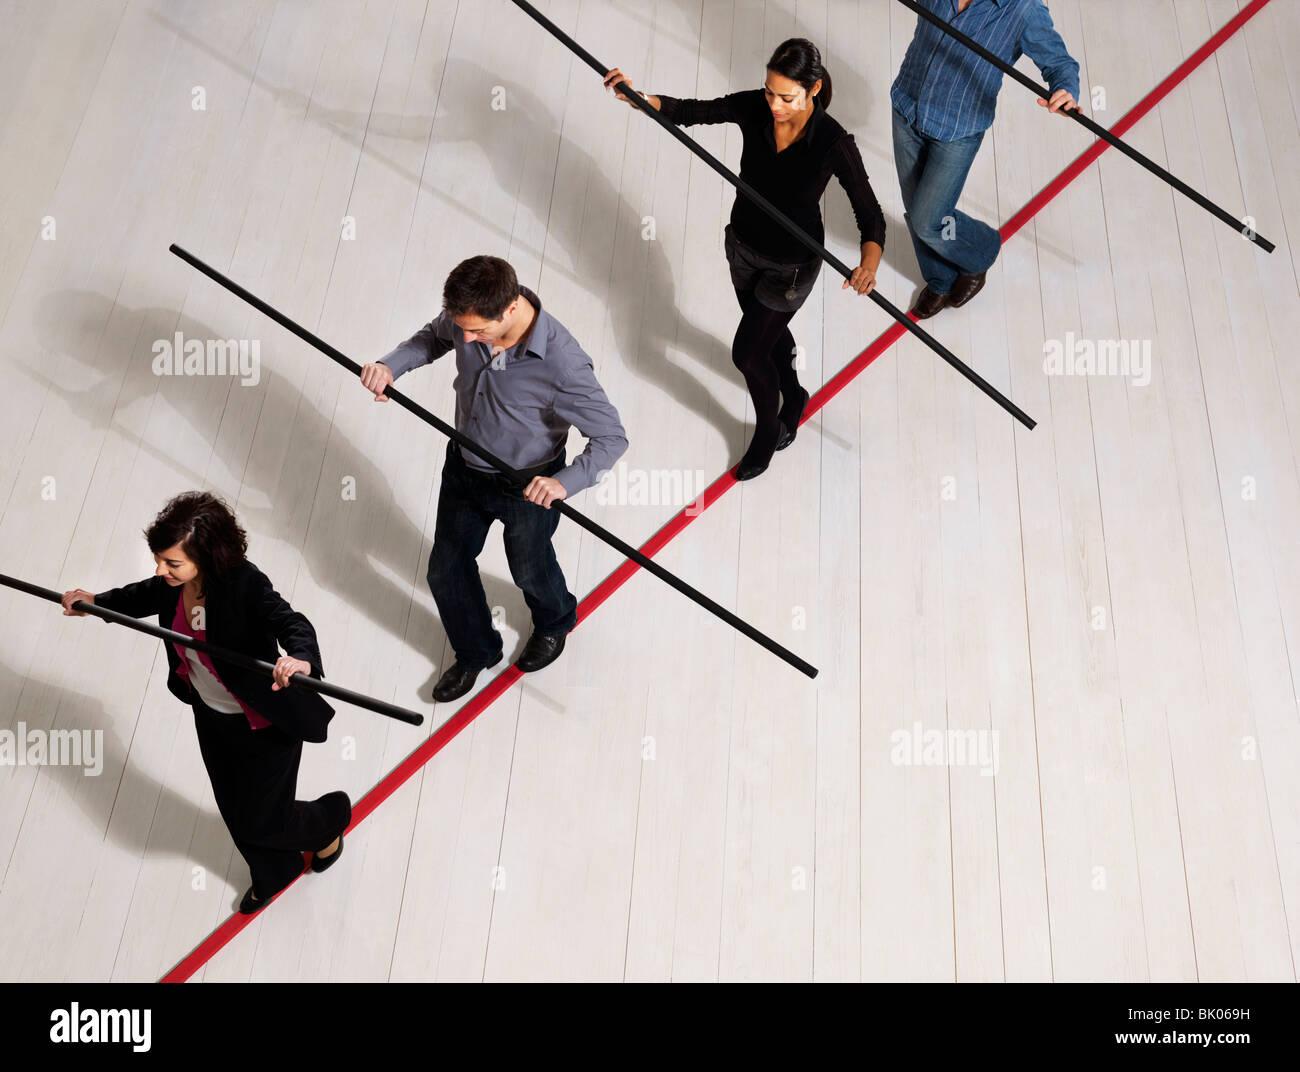 Les gens en équilibre sur thin red line Photo Stock